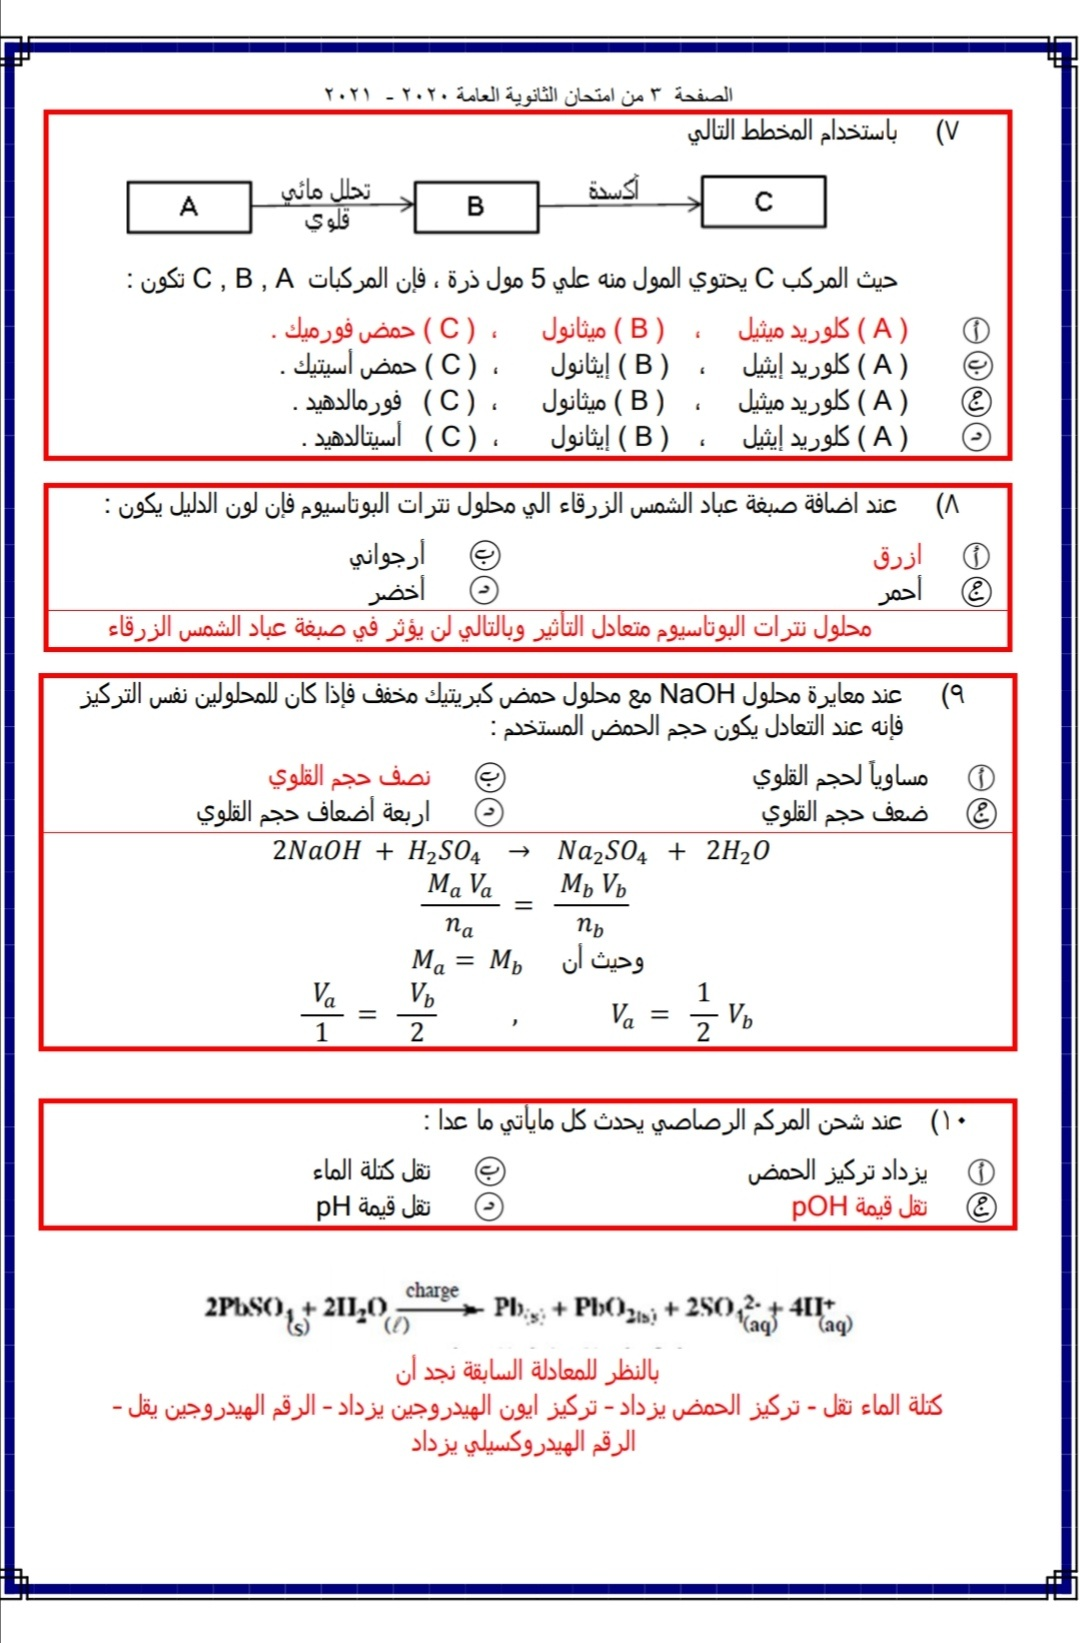 نموذج اجابة امتحان الكيمياء للثانوية العامة 2021 3